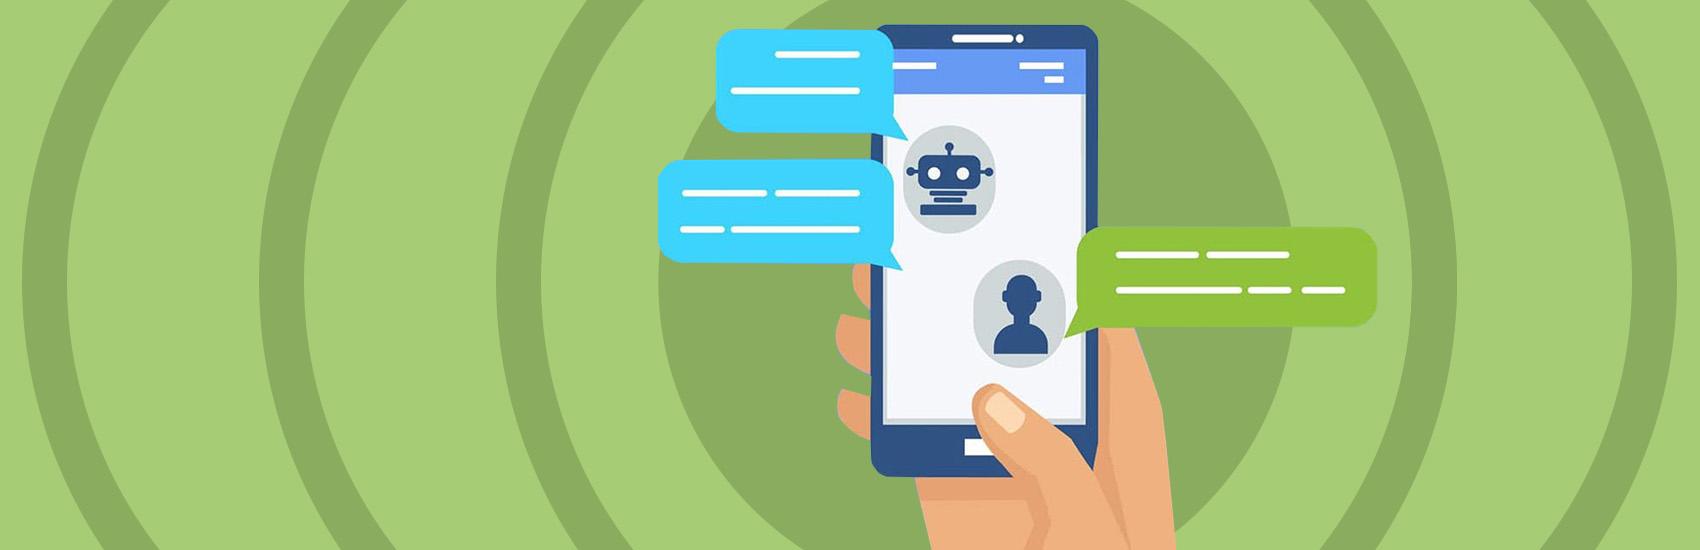 Как посетителей сайта конвертировать в клиентов в Телеграмме — обзор сервиса автоматизации заявок RE:PLAIN